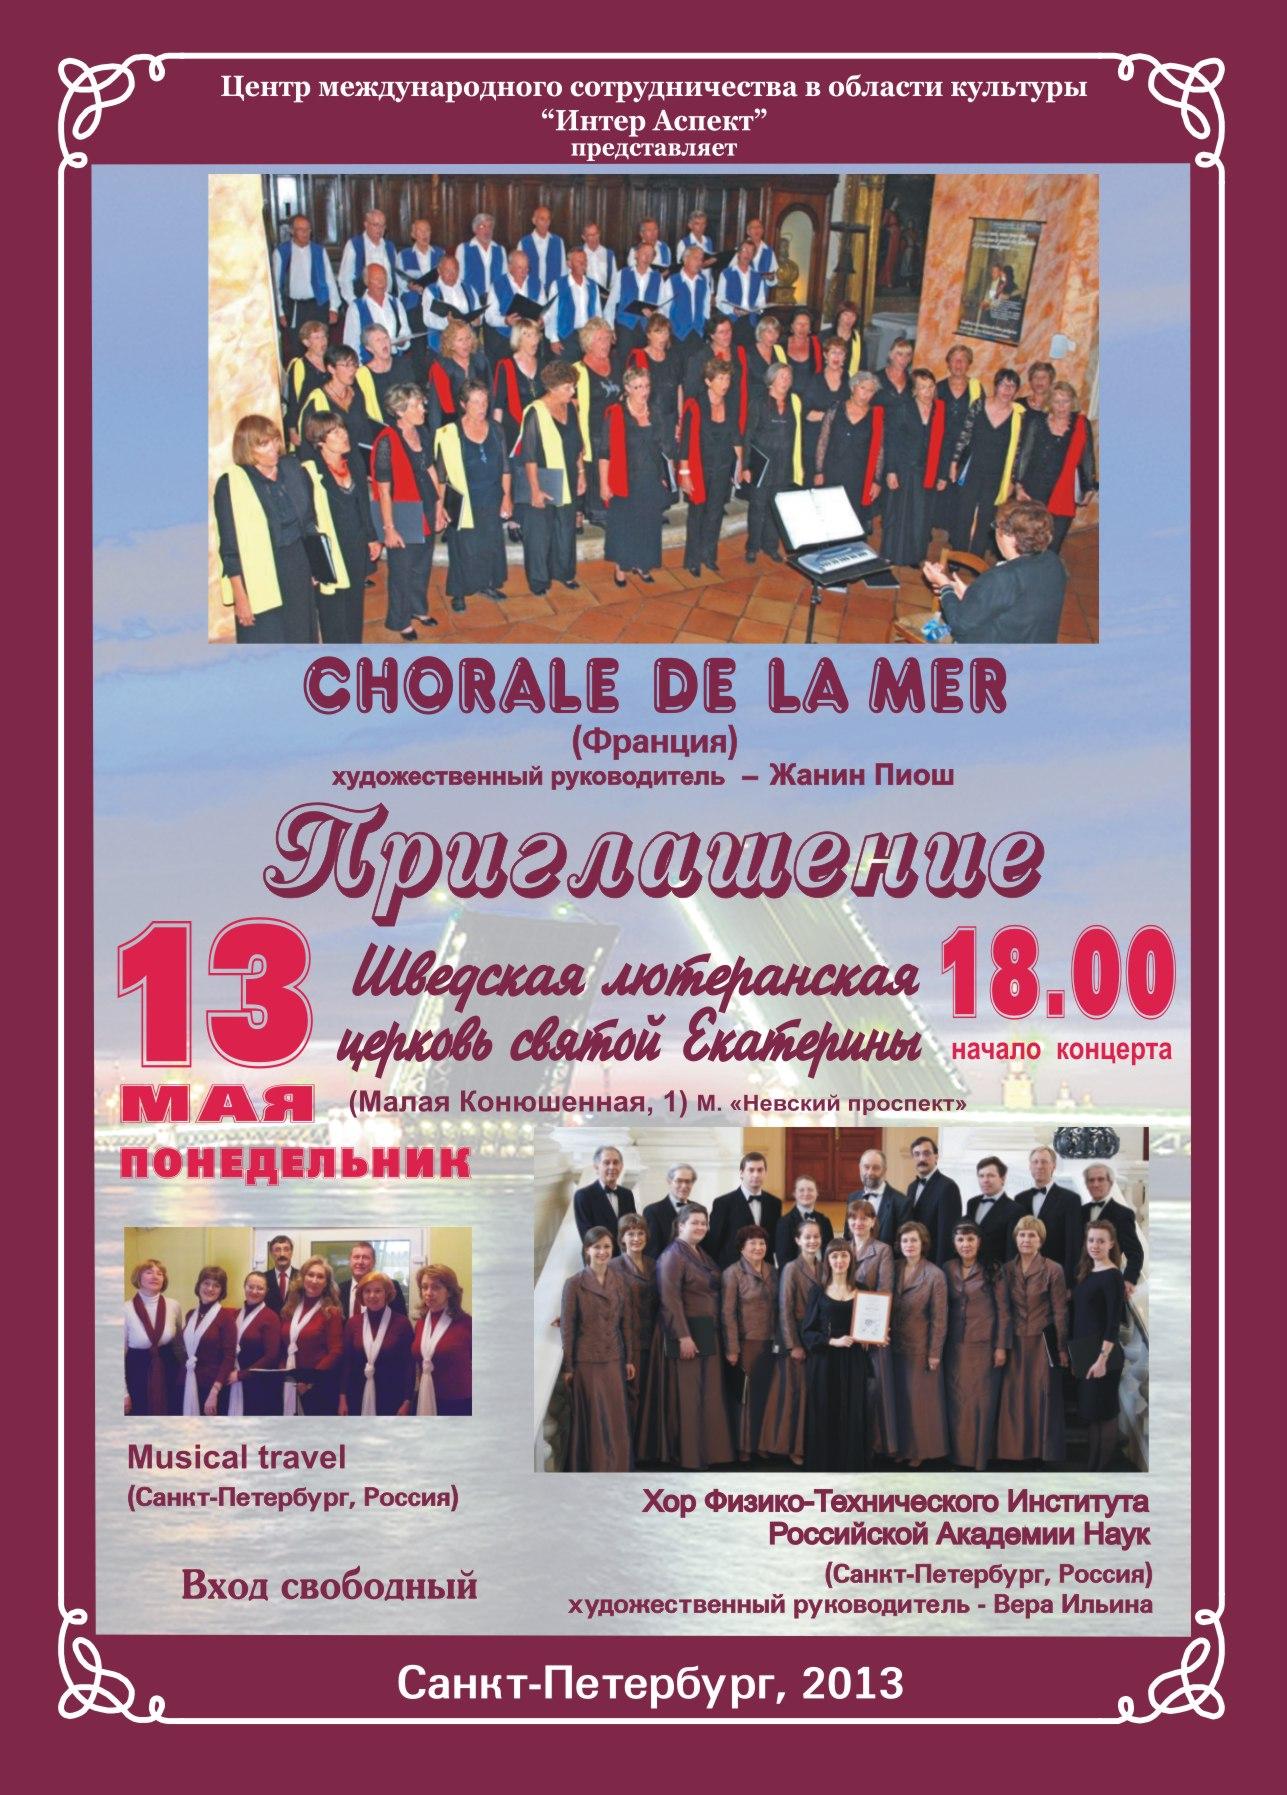 Пригл Франция Иоффе концерт 13 мая